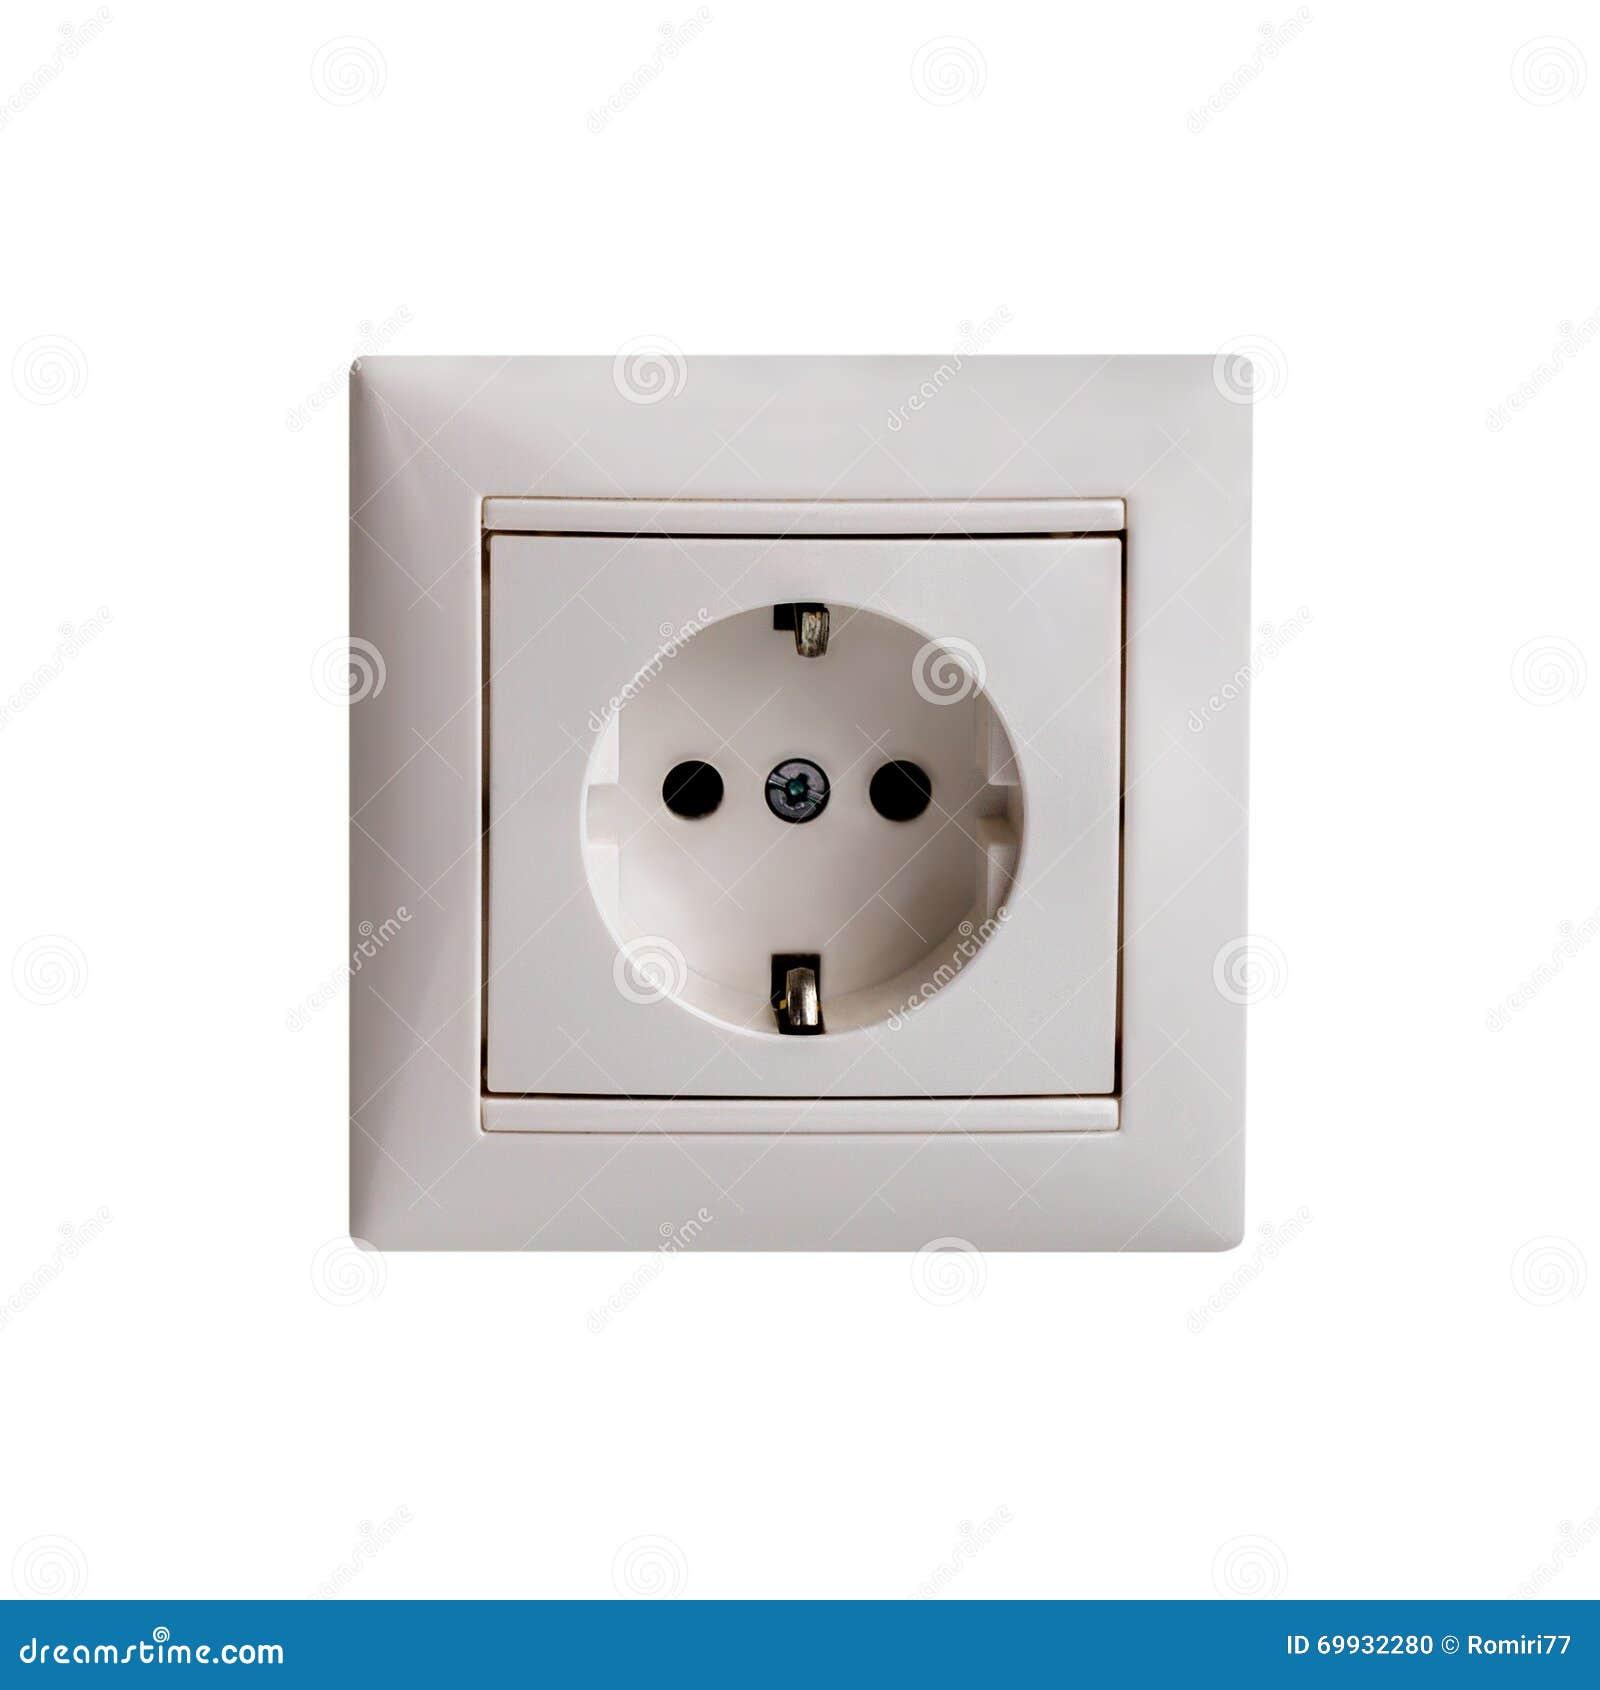 Plug socket.